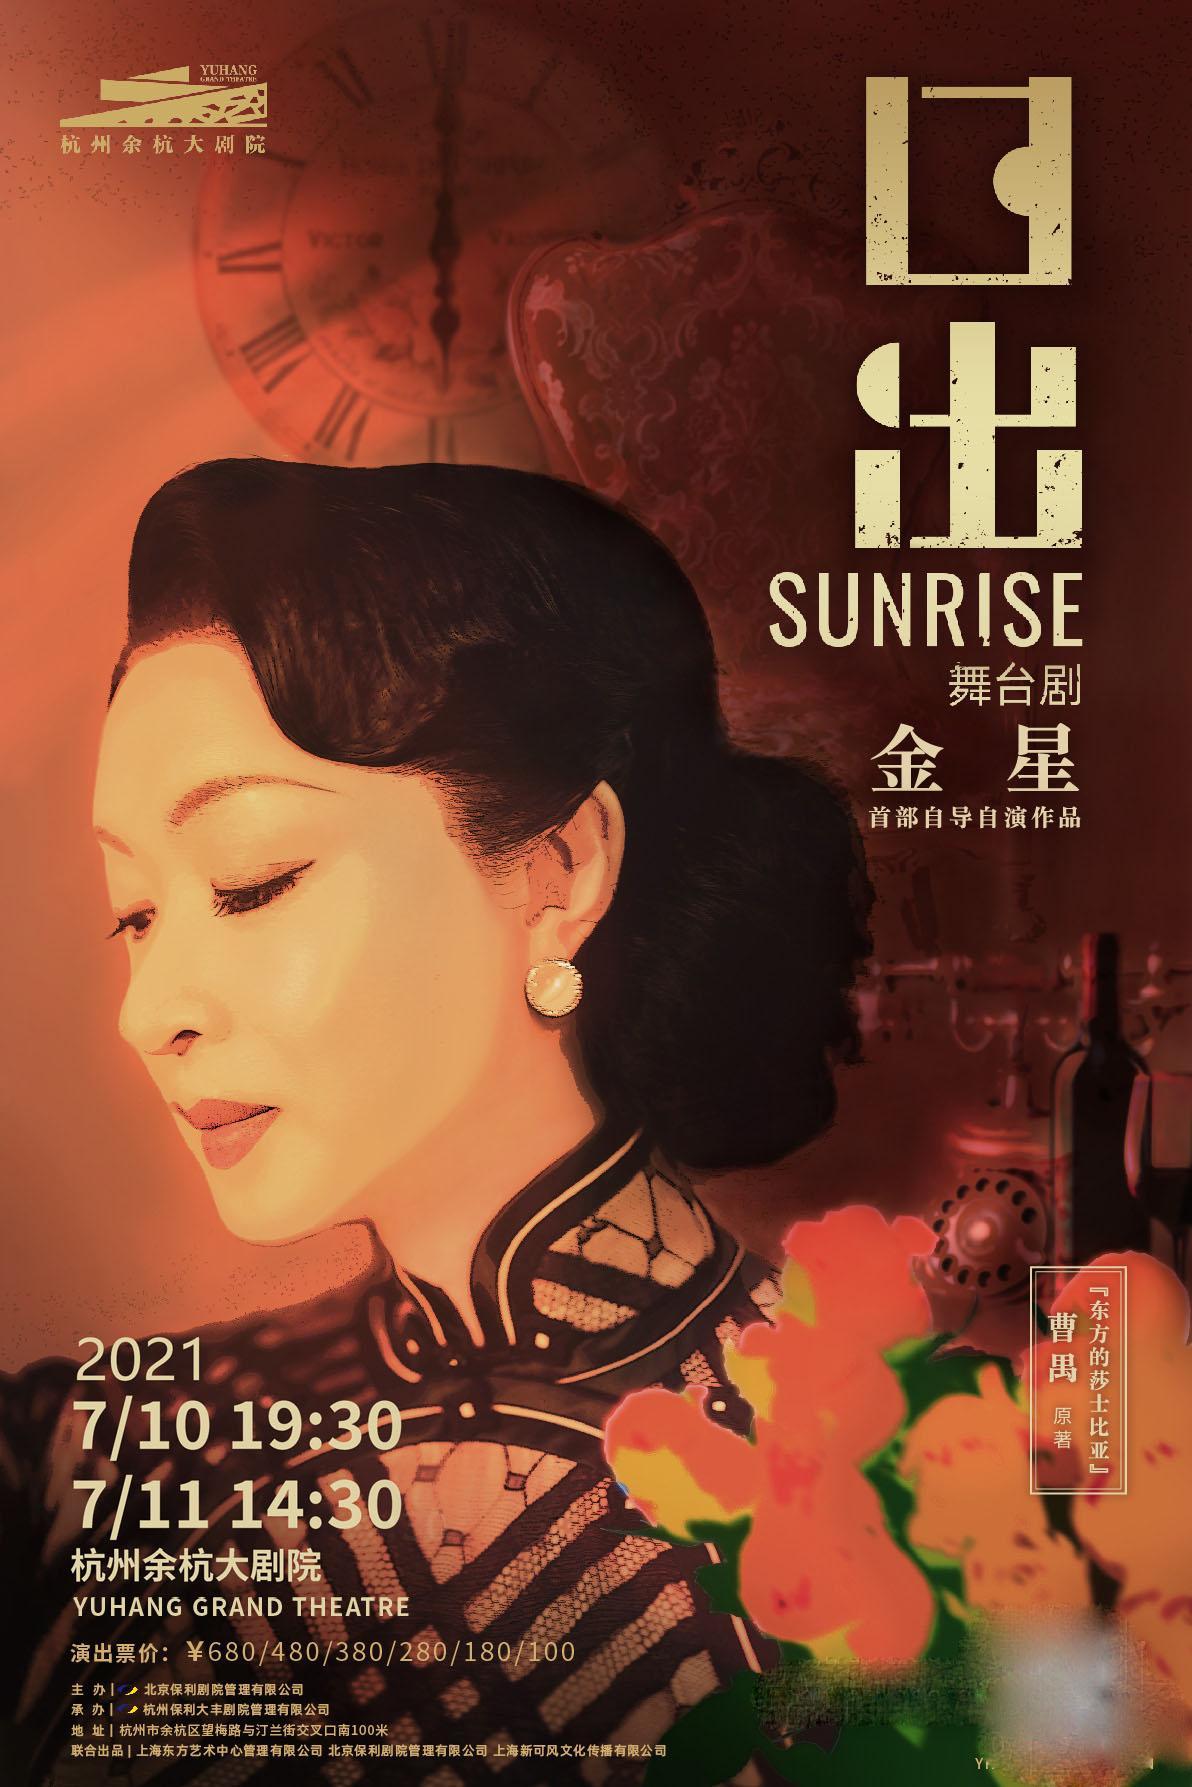 【杭州站】金星首部自导自演作品舞台剧《日出》